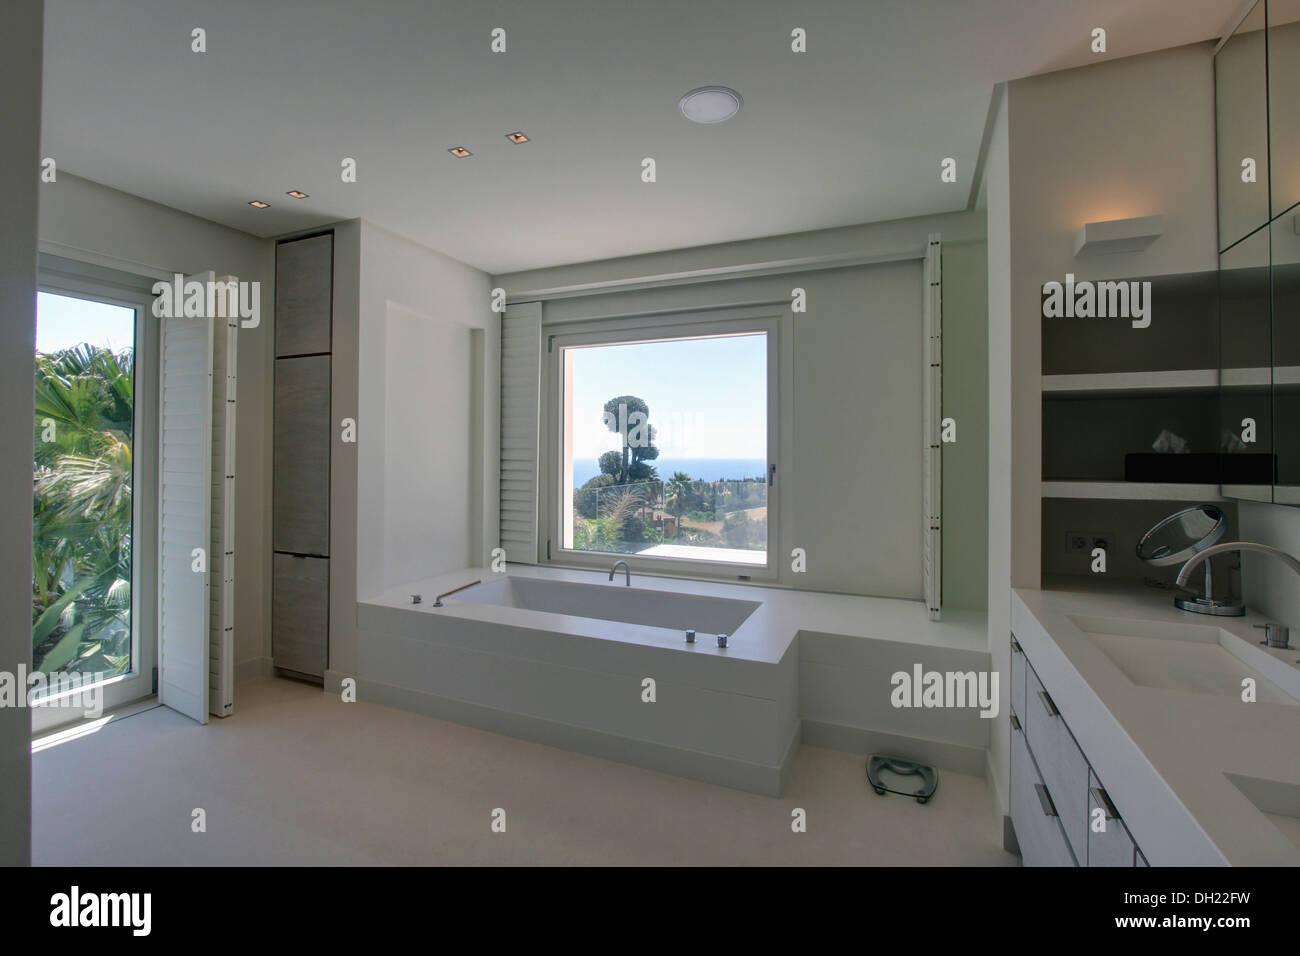 Fenster über Bad im weißen spanischen Badezimmer mit weißen ...